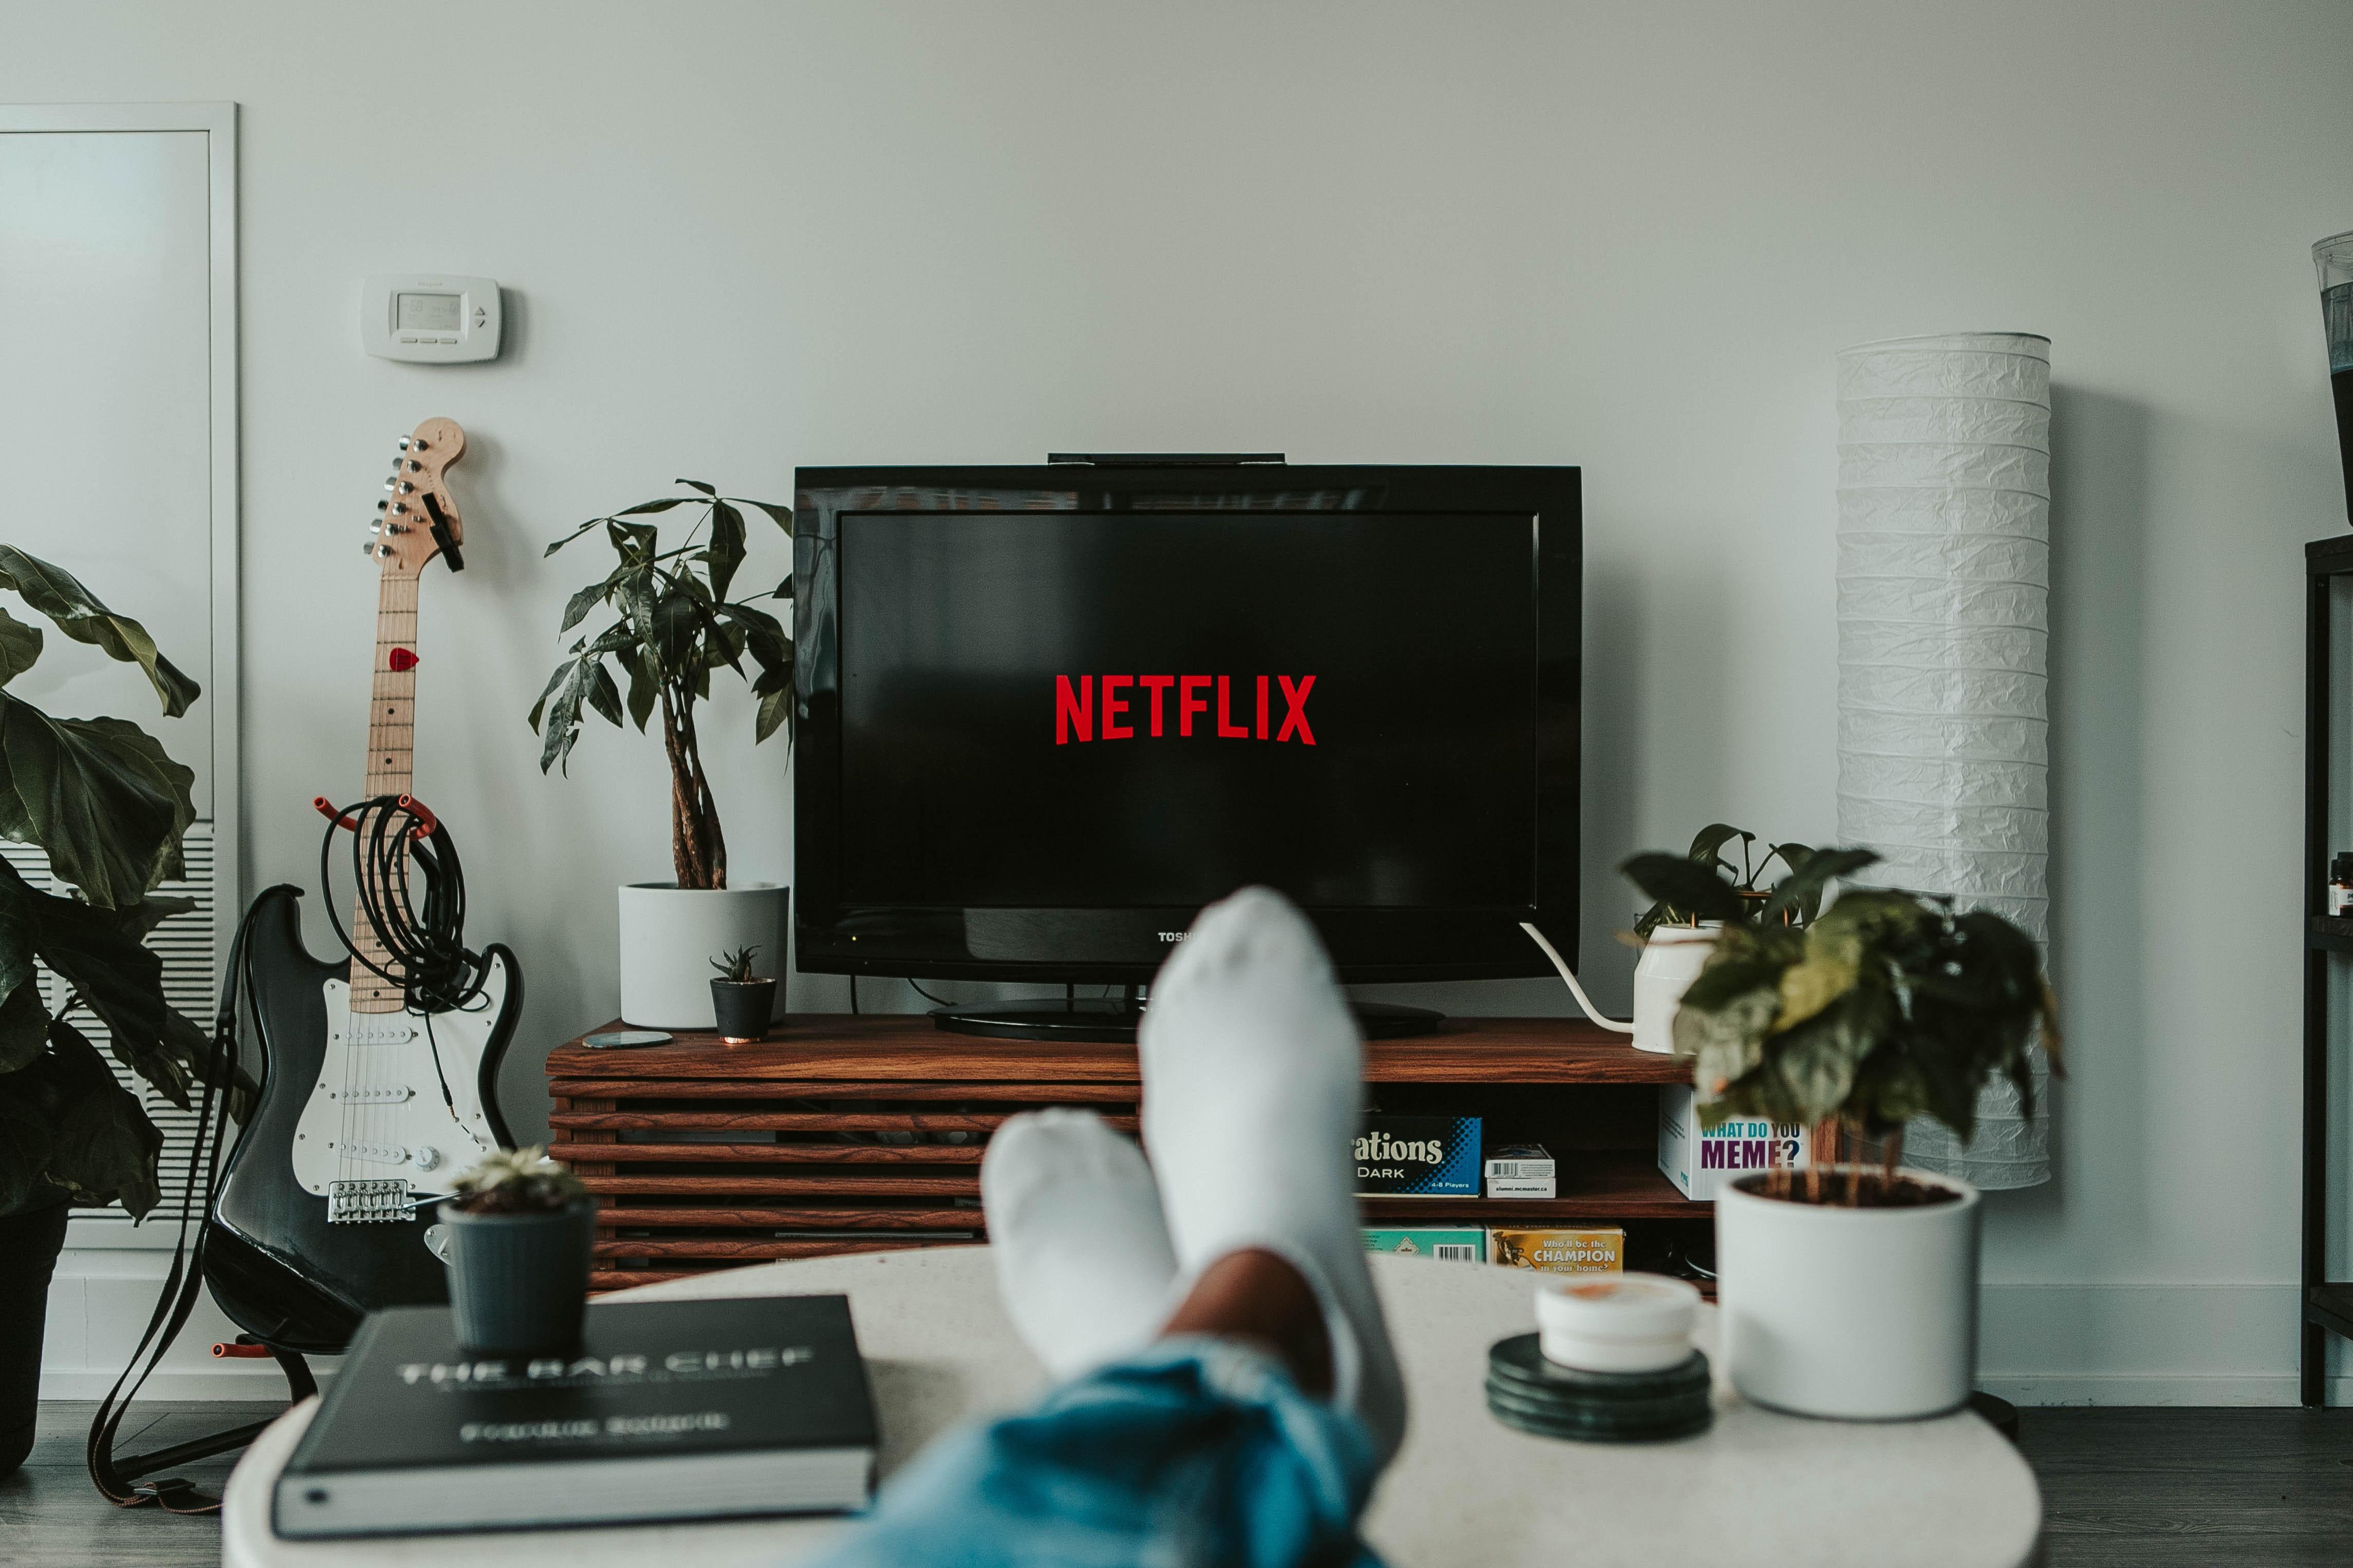 It's show time ! La concurrence arrive pour Netflix